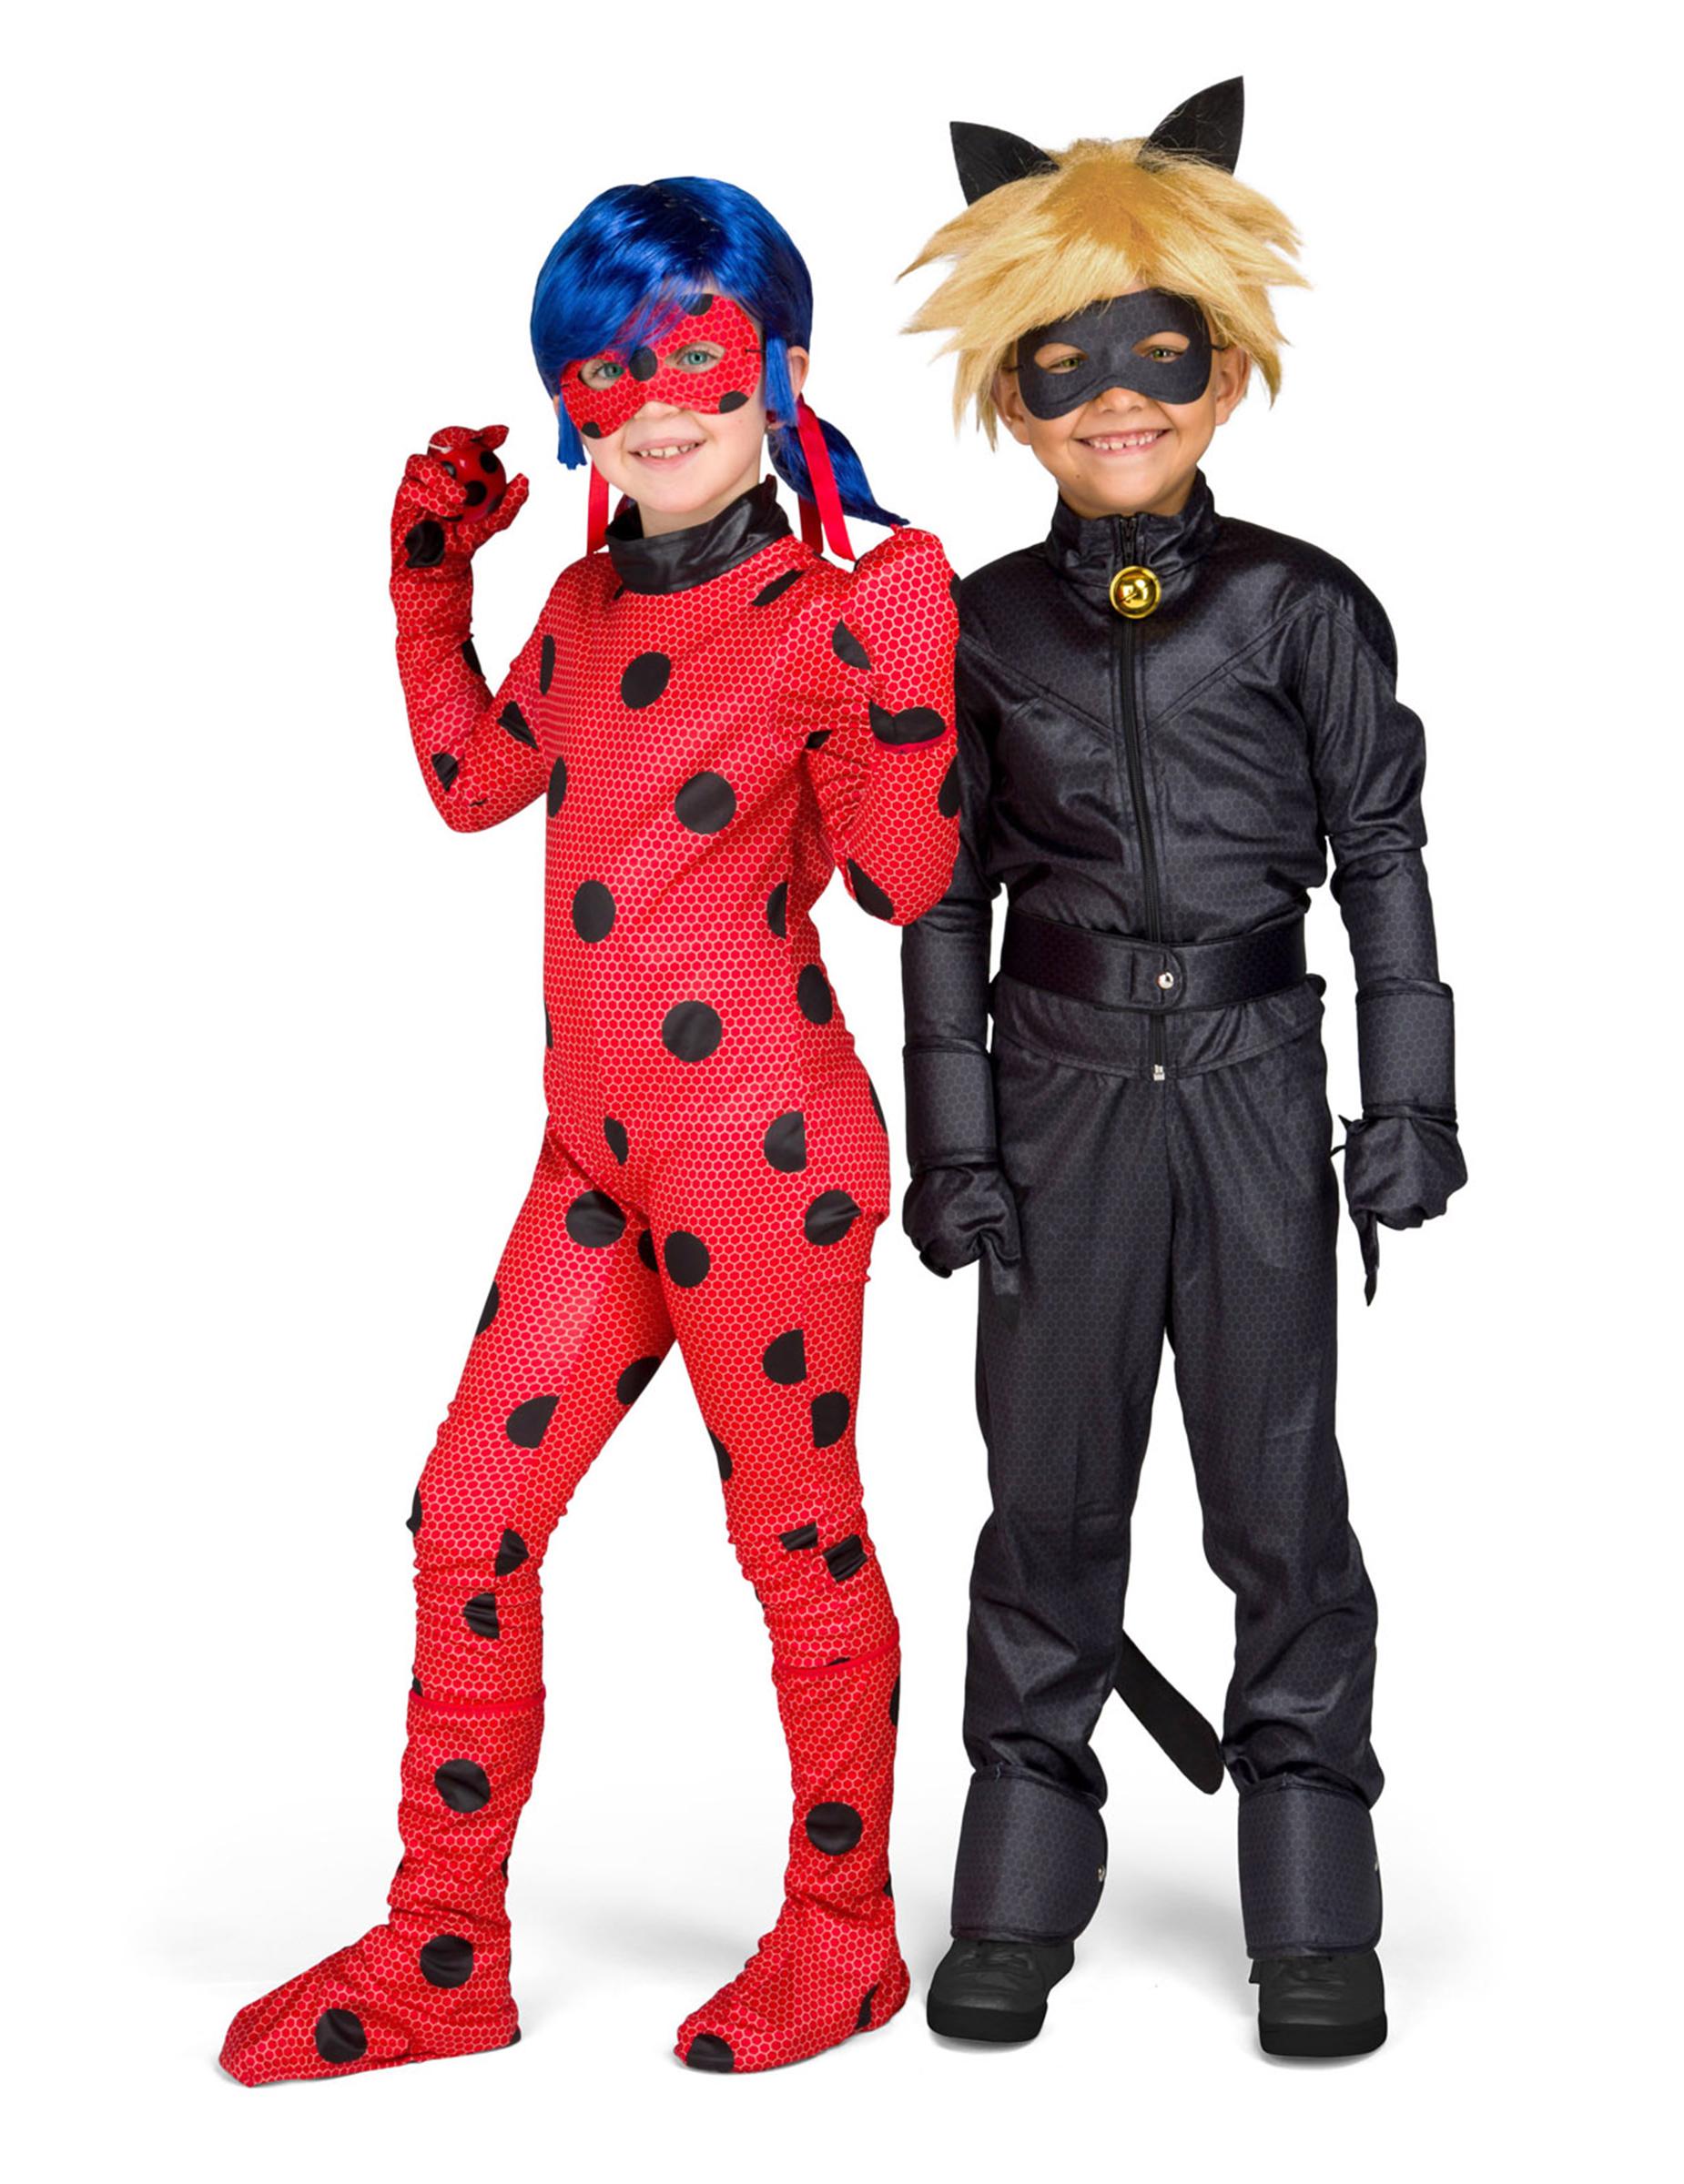 439a6cae230bed Coffret déguisement Chat Noir Miraculous™ enfant, décoration ...